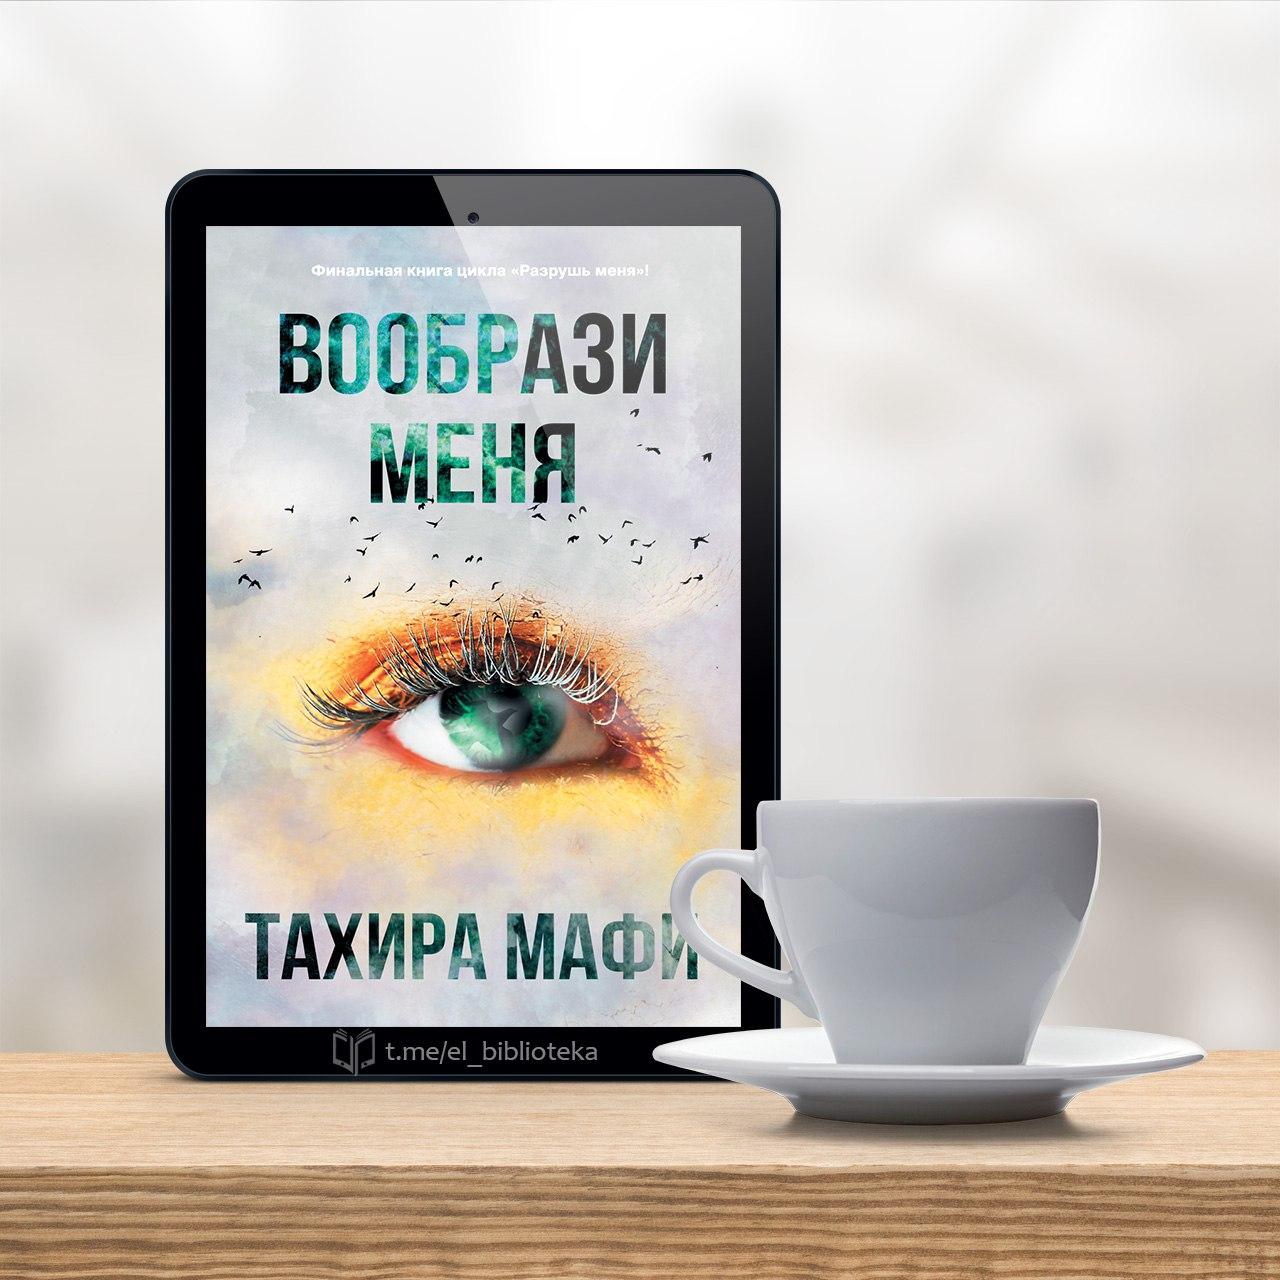  Вообрази меня  Автор:  Мафи_Тахира  Год издания: 2021  Серия «Разрушь меня»...